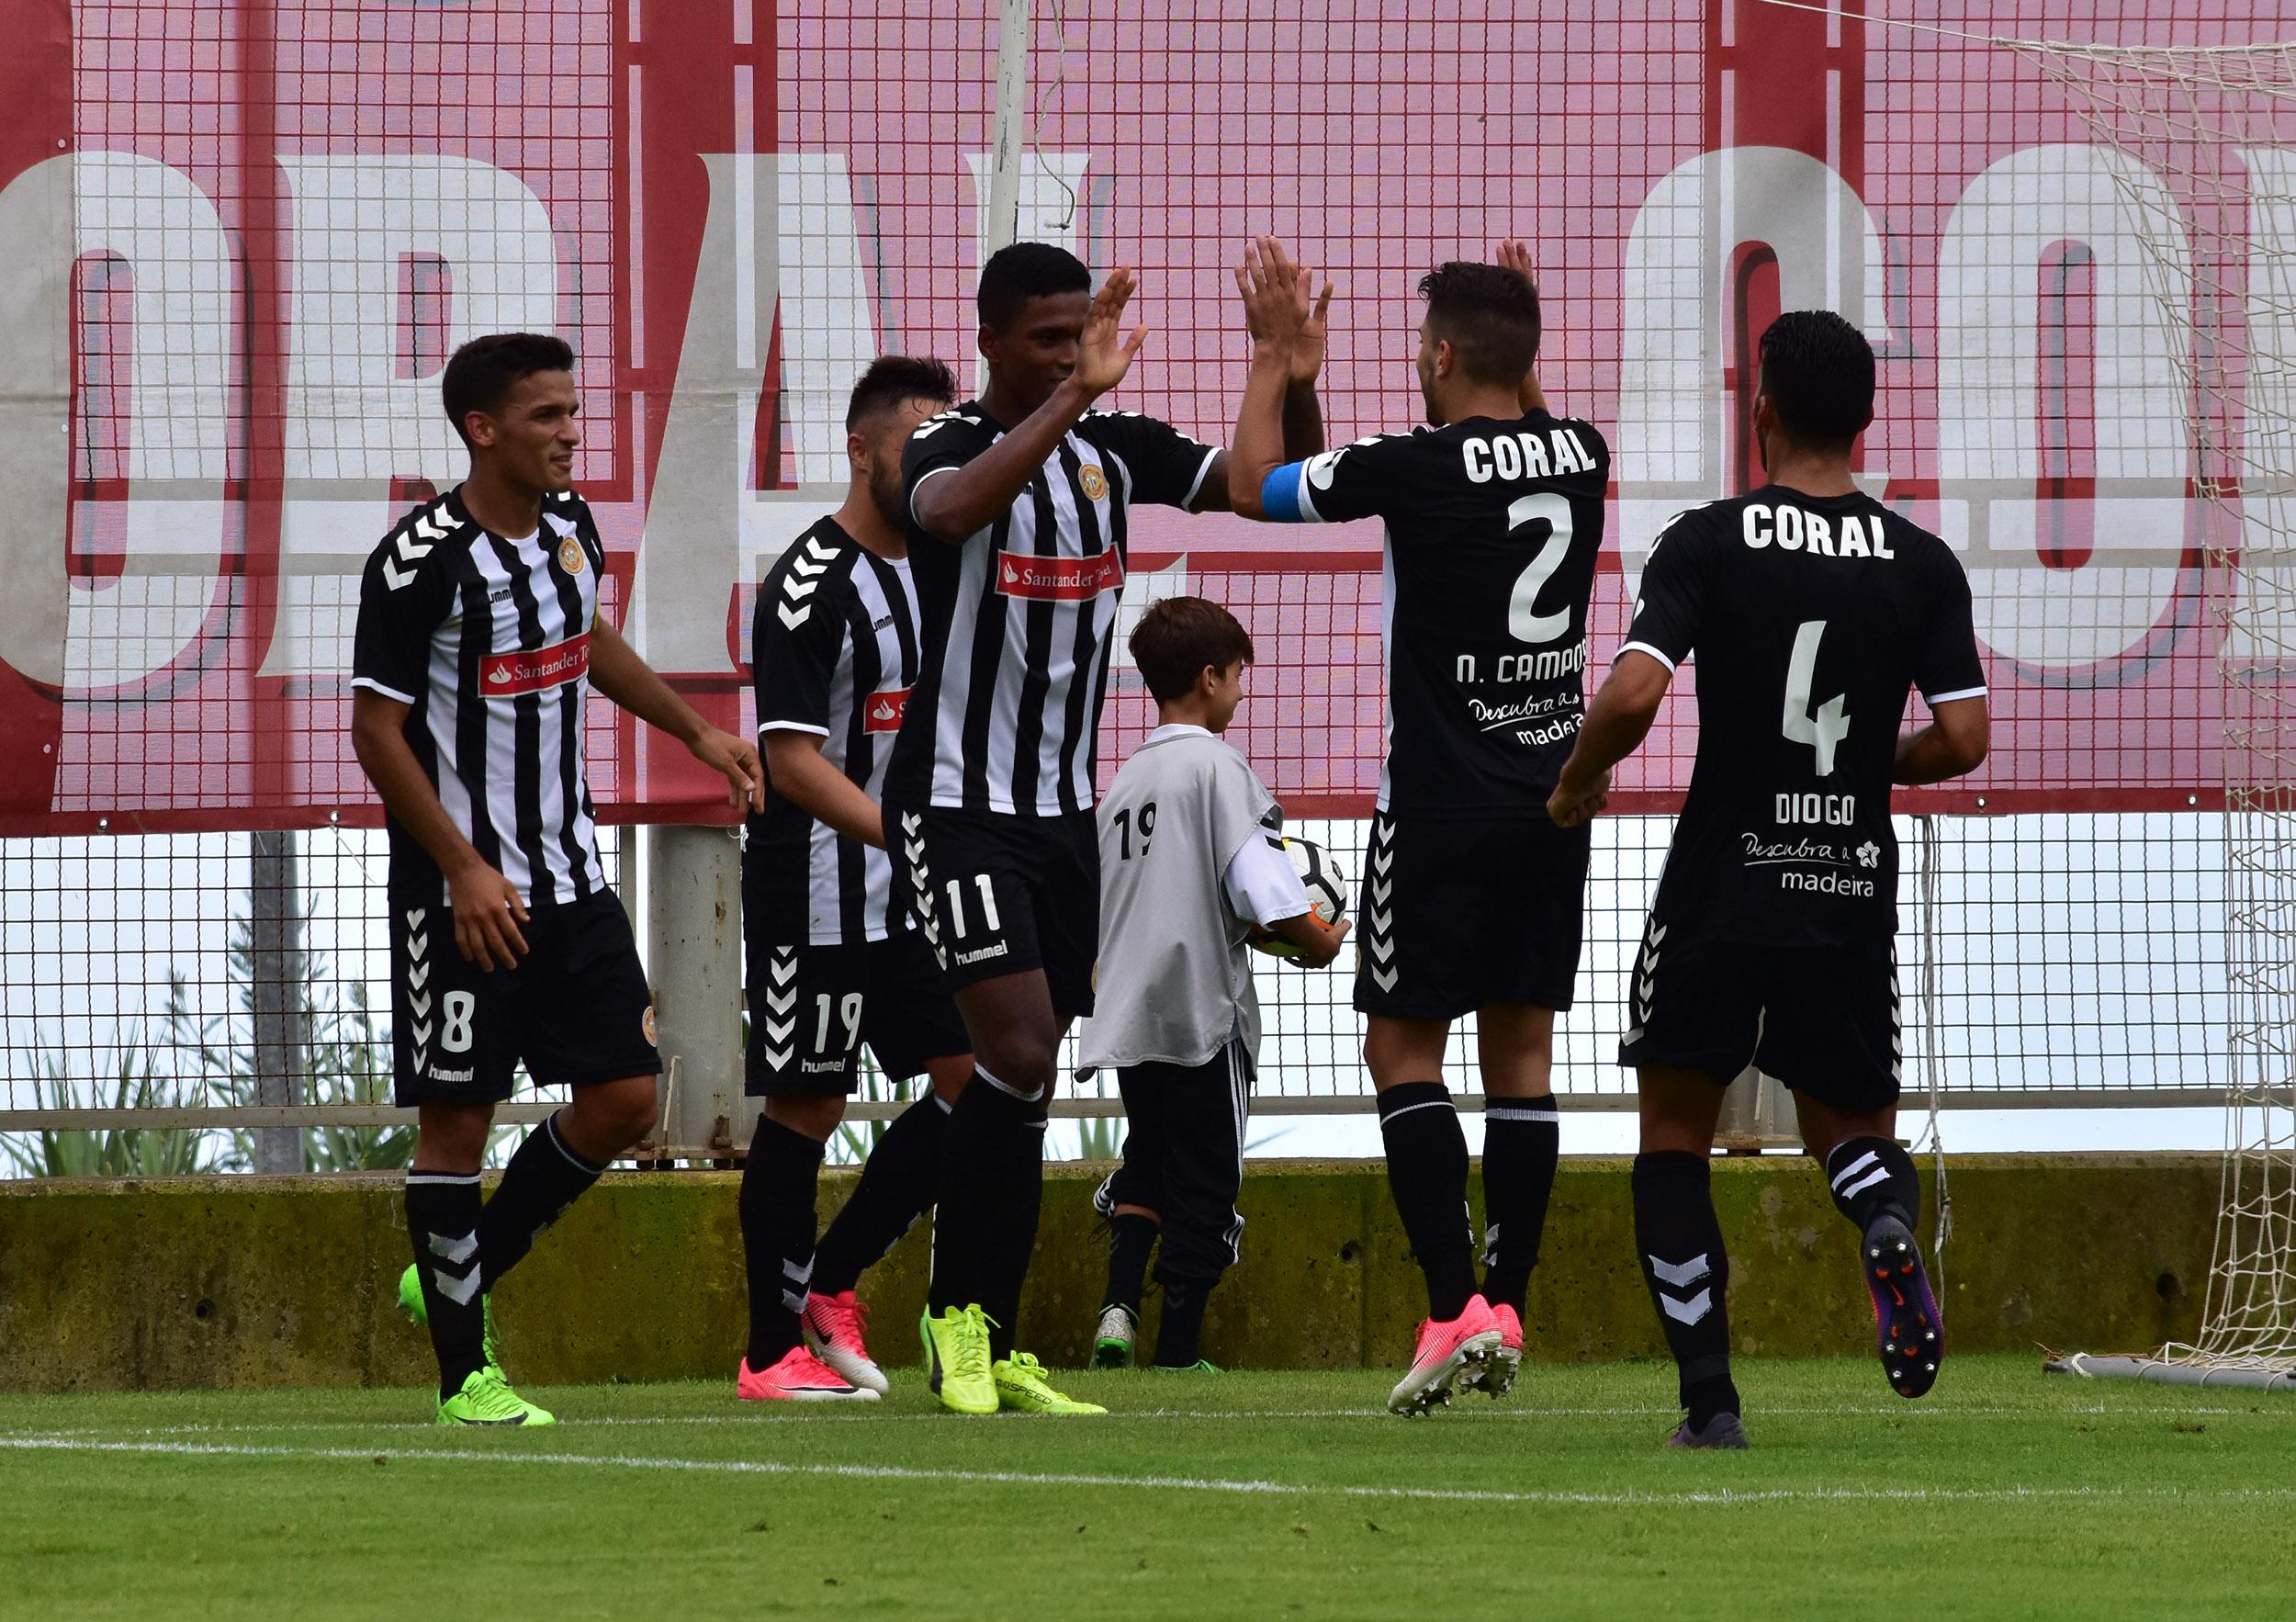 Feirense: Clube Desportivo Nacional Nacional Vence Ac. Viseu E Sobe